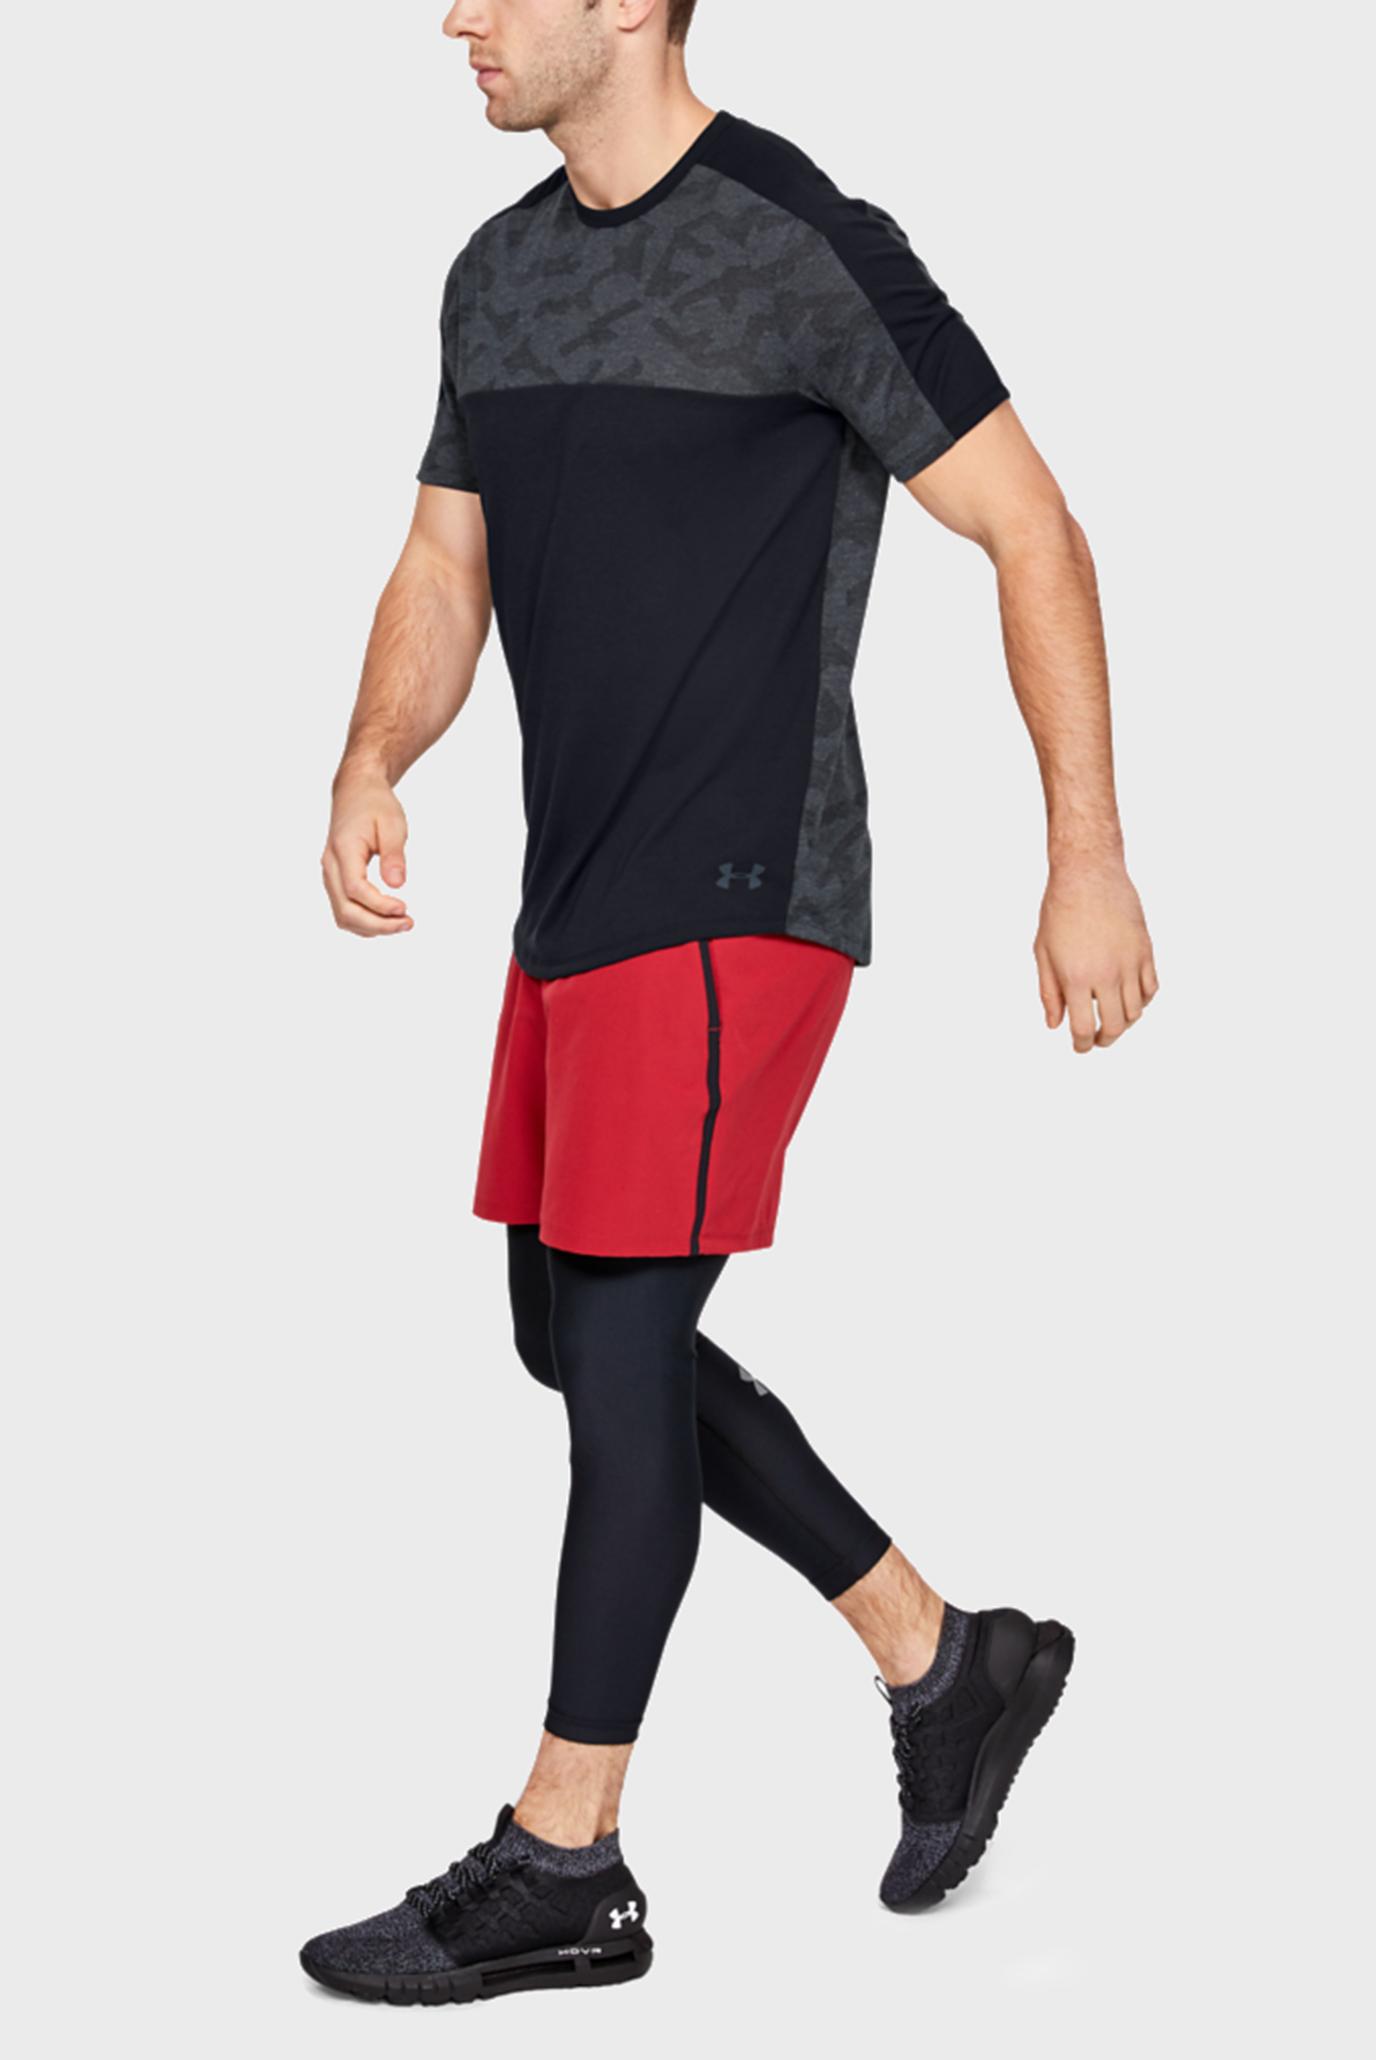 Купить Мужская черная футболка UA Siro Elite SS Under Armour Under Armour 1327672-001 – Киев, Украина. Цены в интернет магазине MD Fashion